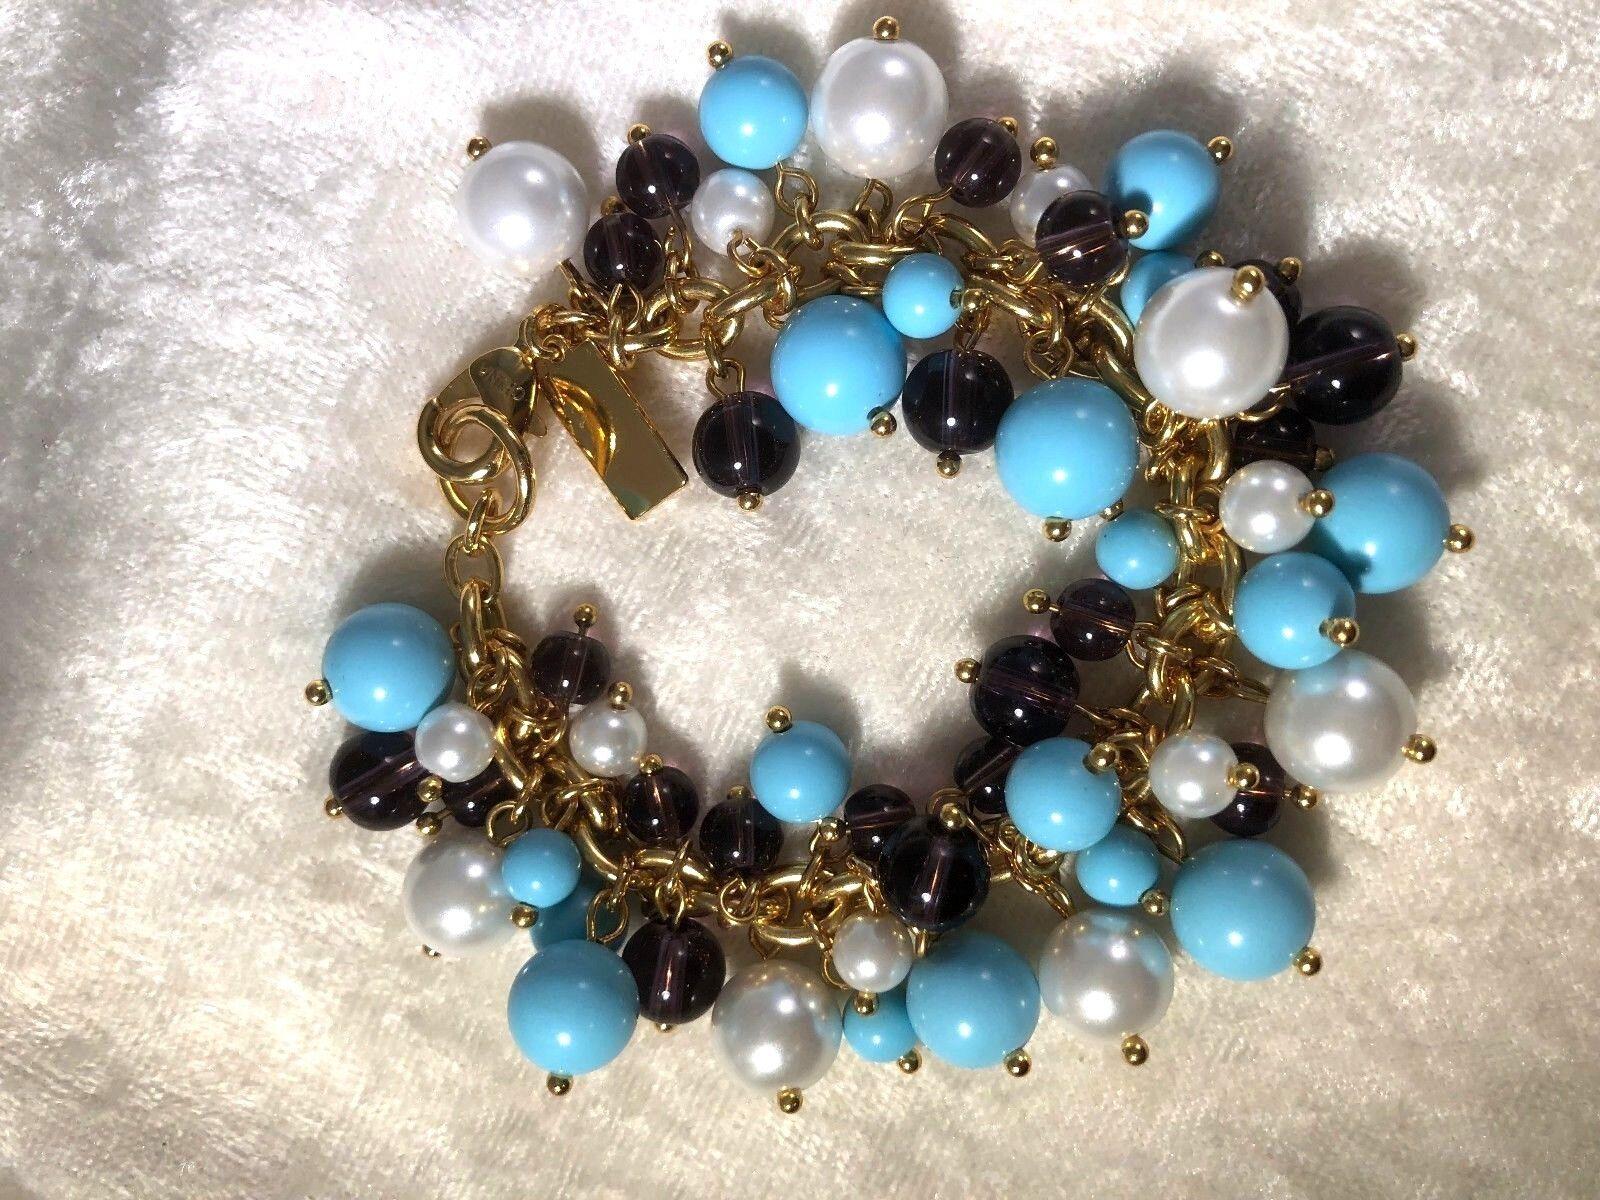 ELIZABETH TAYLOR blueE & PURPLE CLUSTER BEAD BRACELET, SMALL (M1005-58)